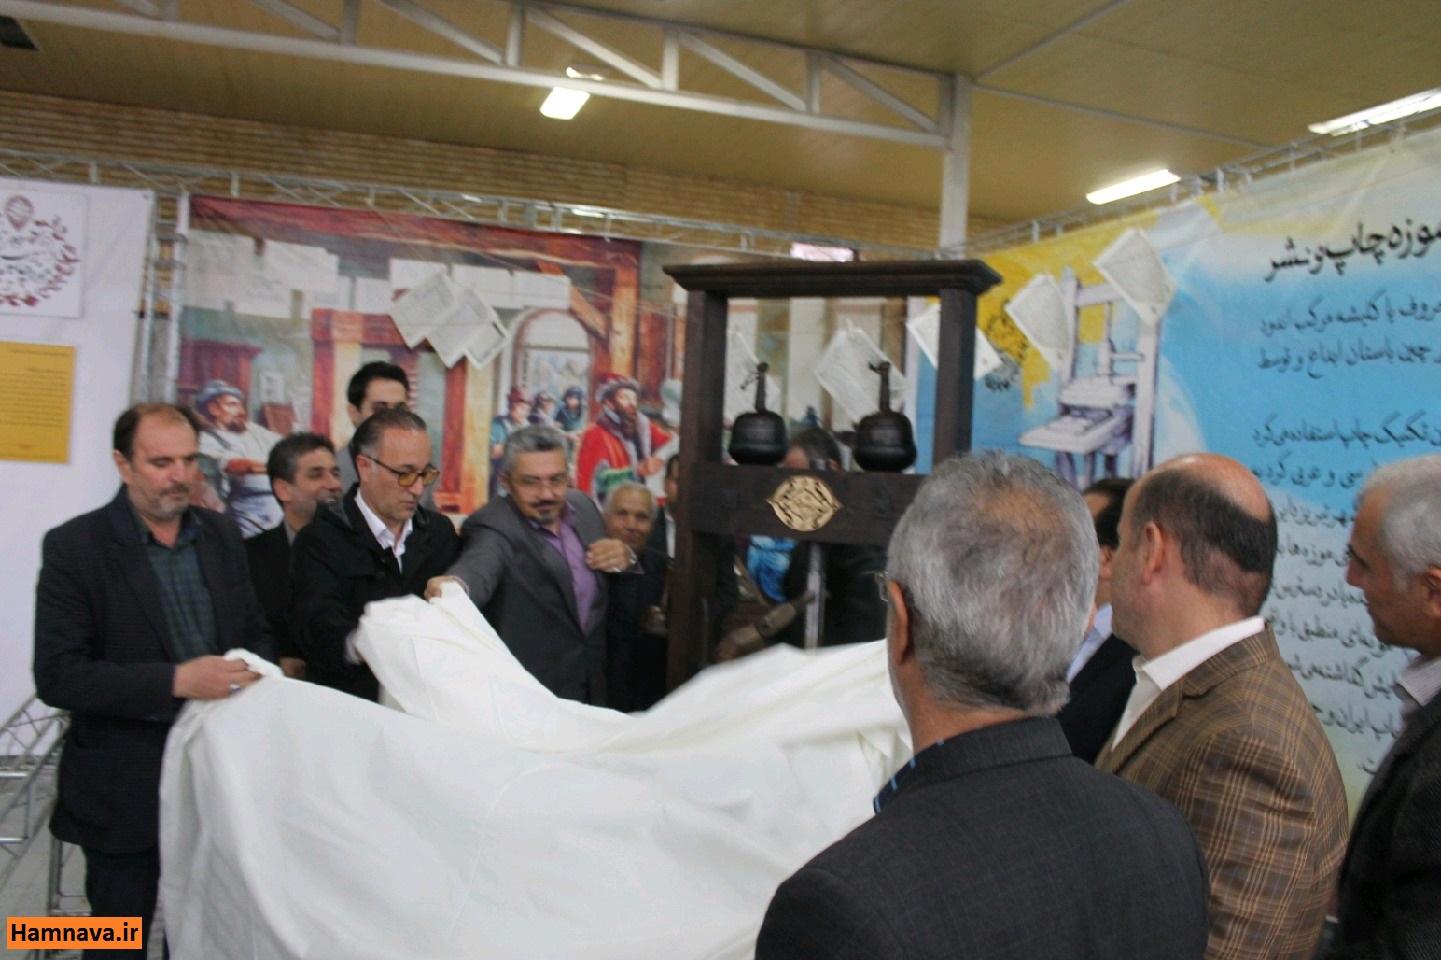 افتتاح موزه چاپ سنگی در نمایشگاه مطبوعات تبریز